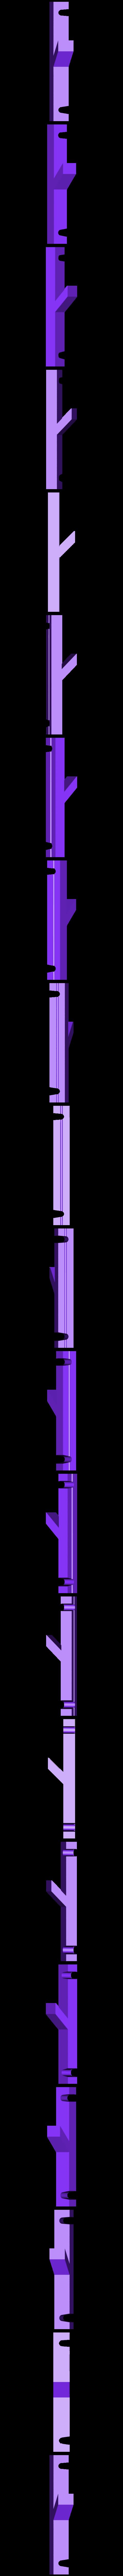 cale terrasse2fendue10mmtronquee.STL Download free STL file Spacing spacing • 3D printing model, robroy